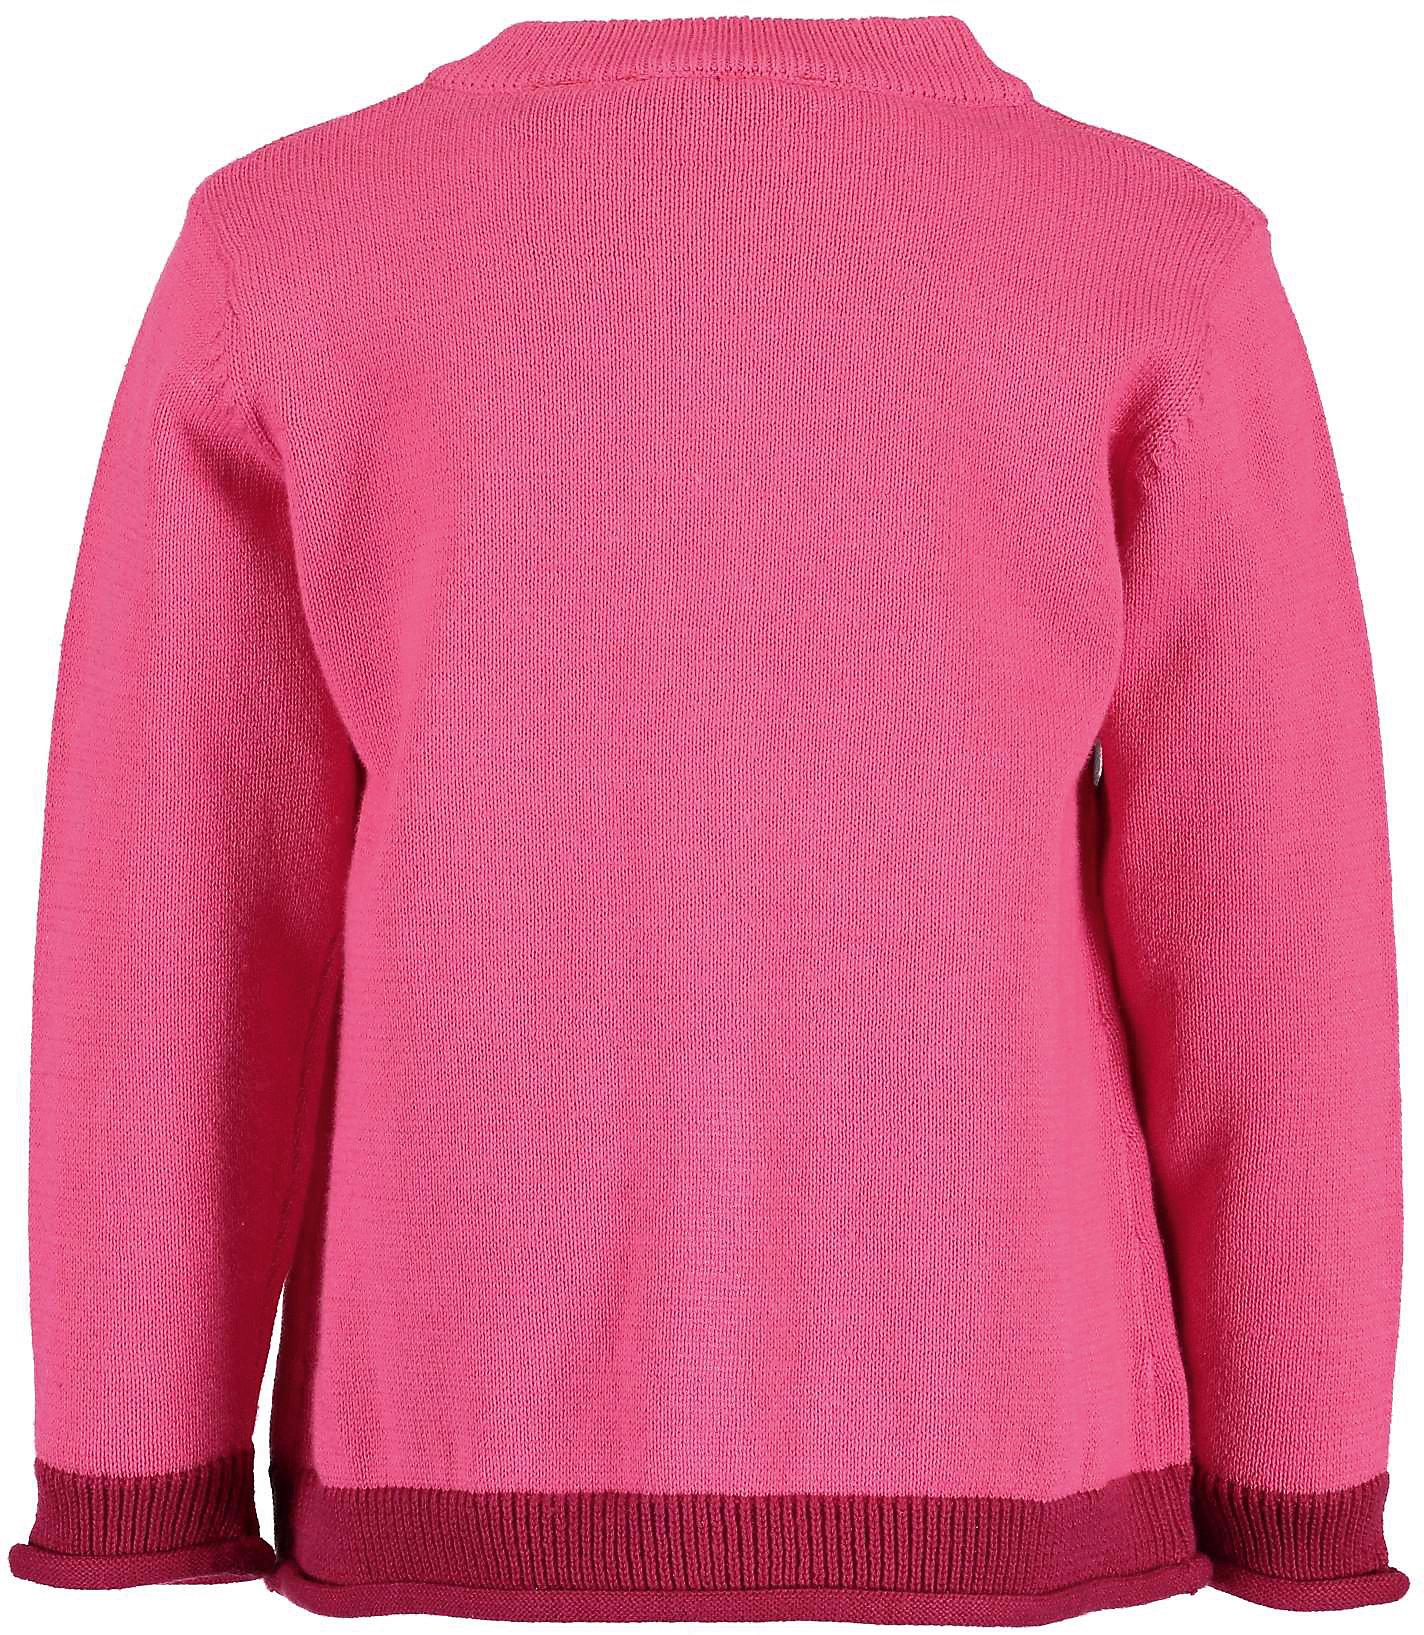 Neu BLUE SEVEN Baby Strickjacke für Mädchen 12168553 für Mädchen pink